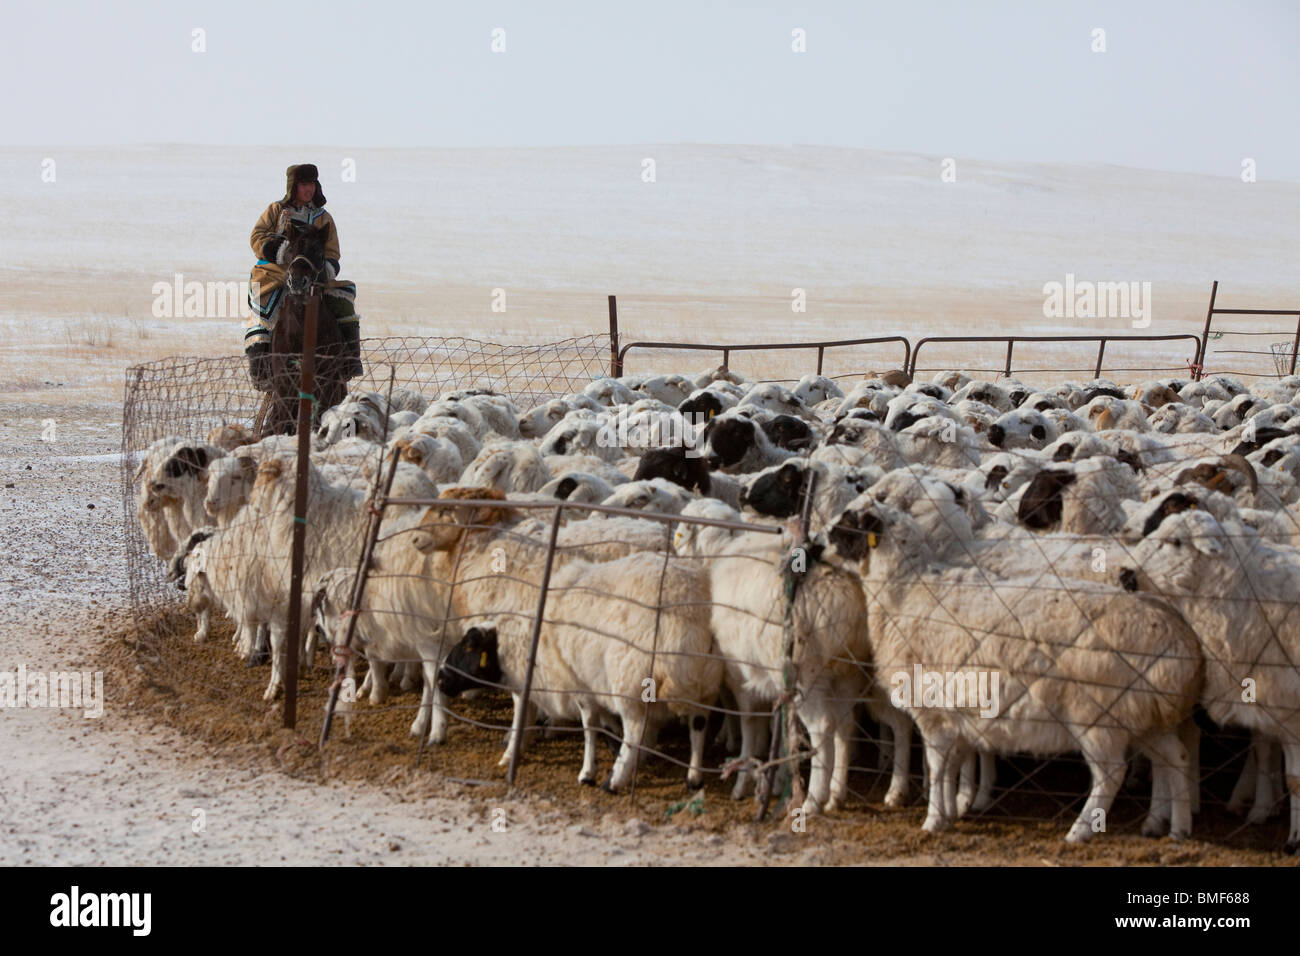 Sheep in stable, Ujimqin Grassland, East Ujimqin Banner, Xilin Gol League, Inner Mongolia, China - Stock Image